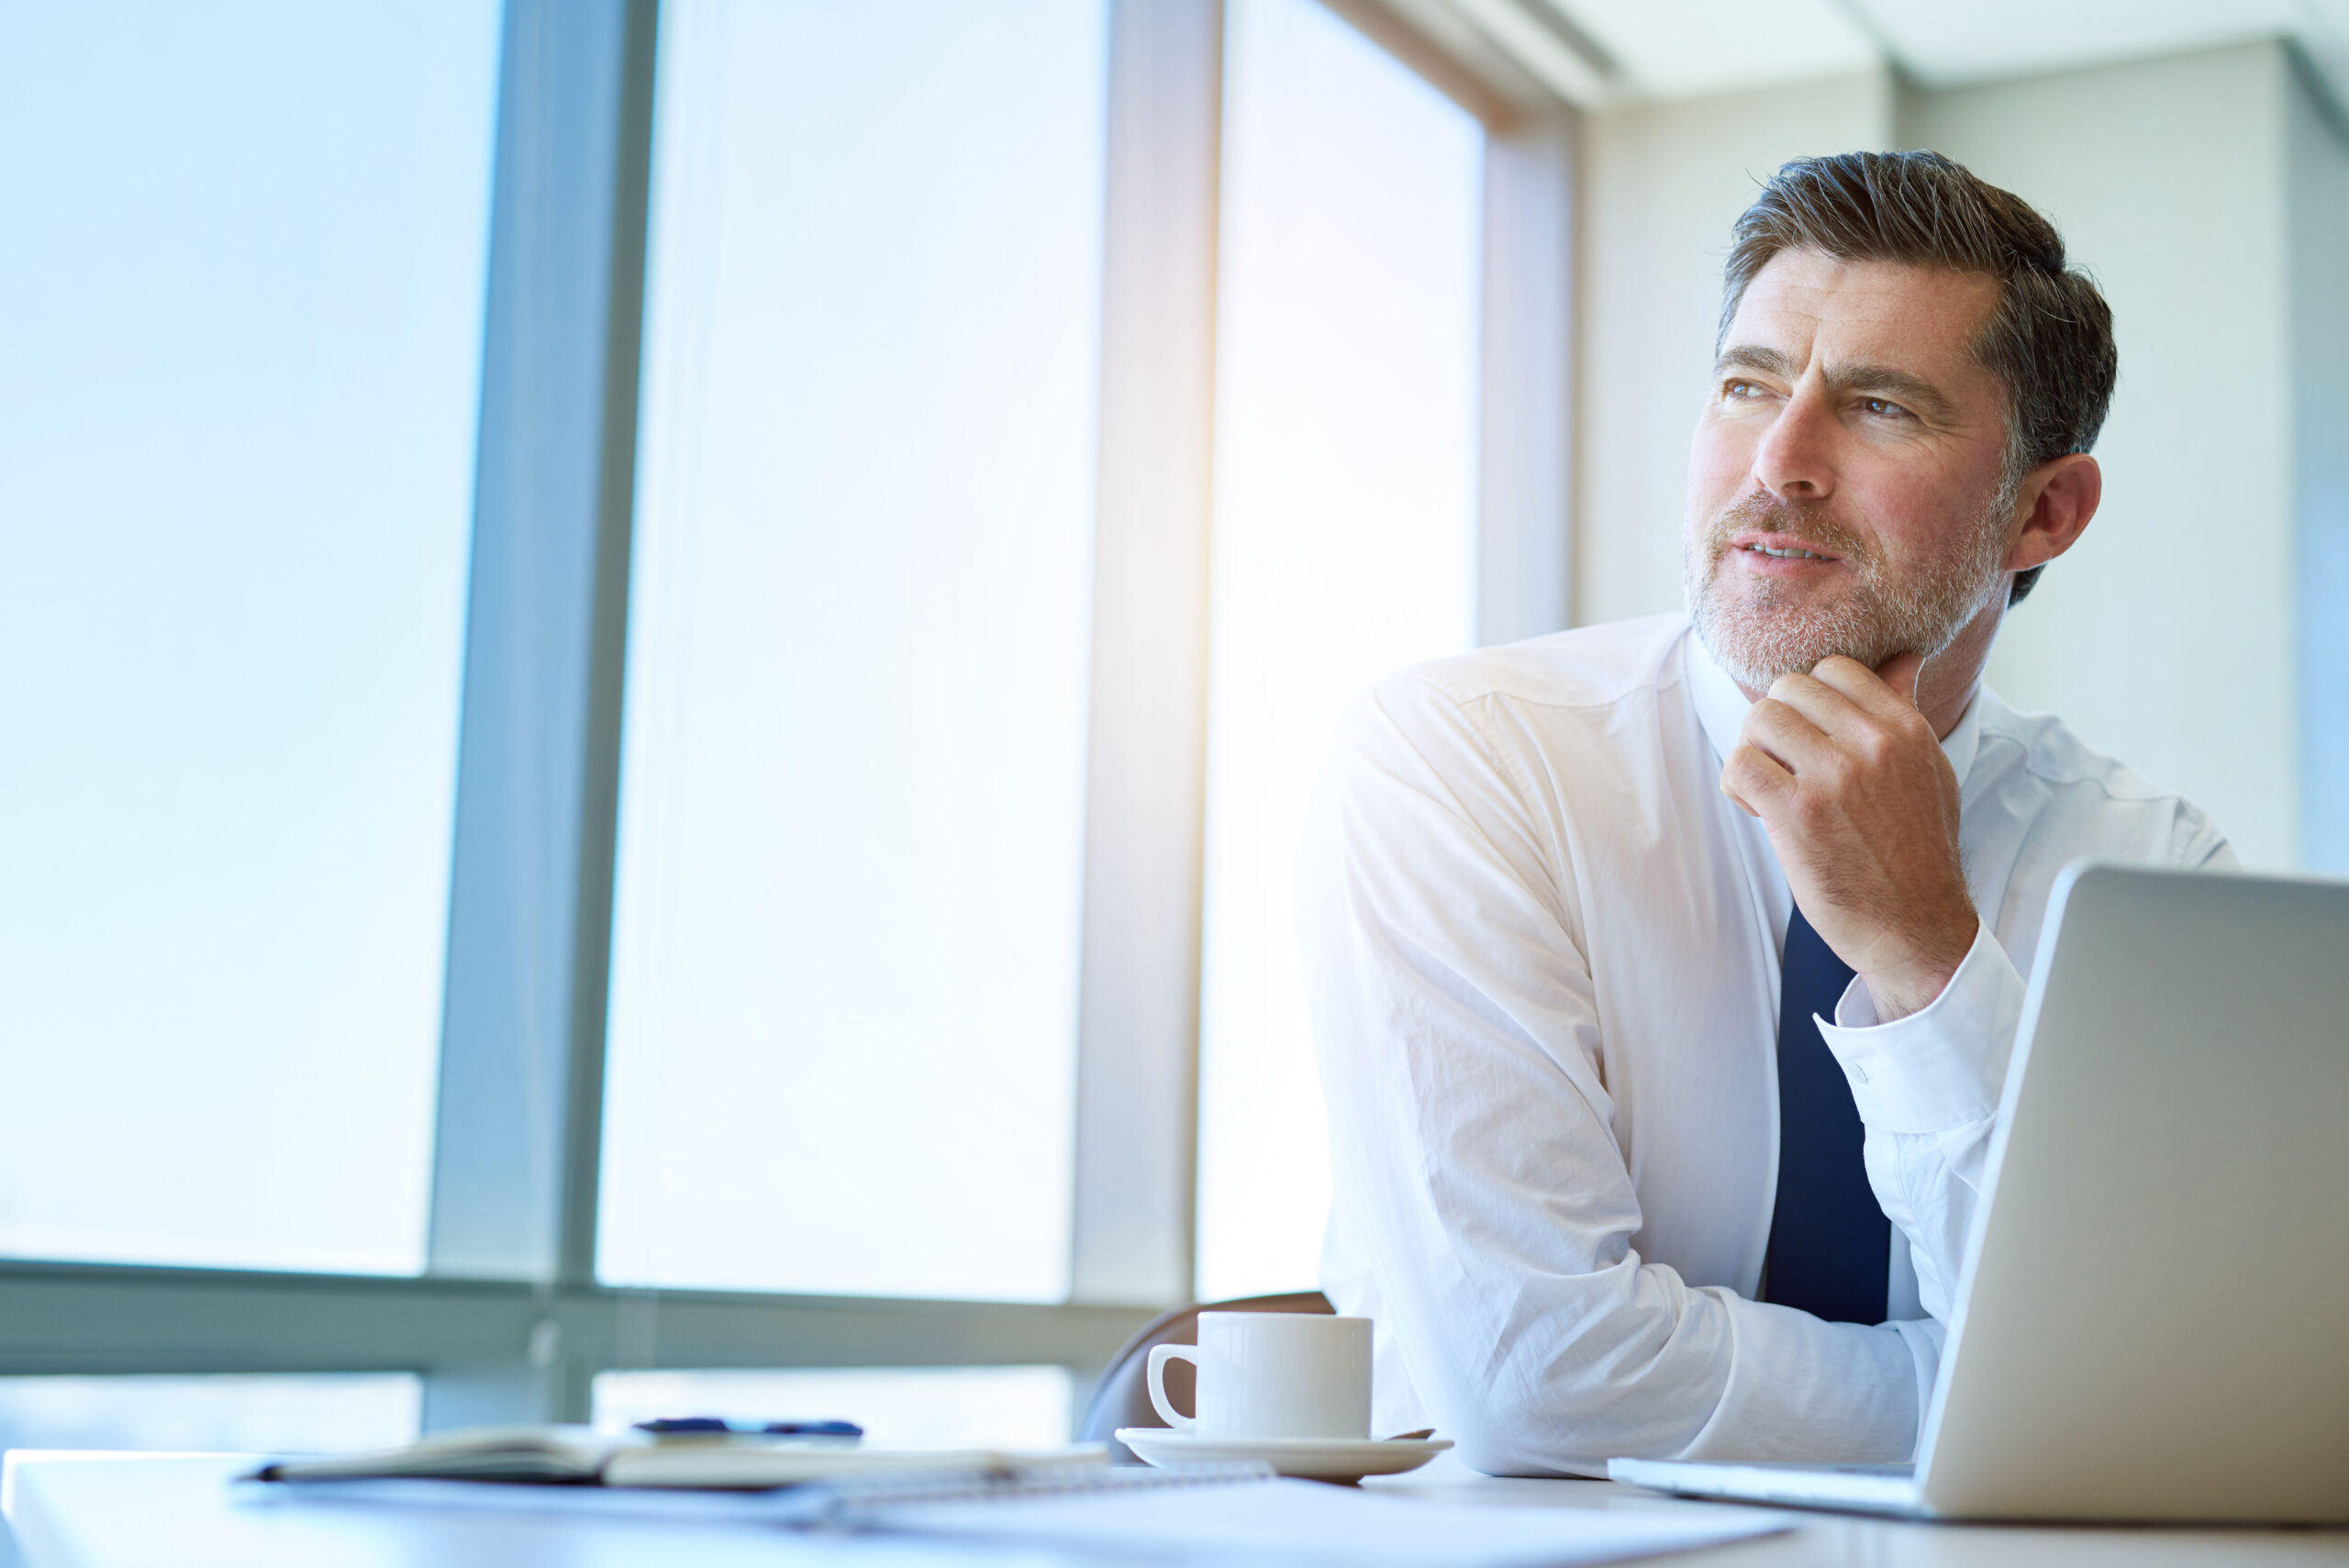 Homem de camisa social em frente ao computador pensando